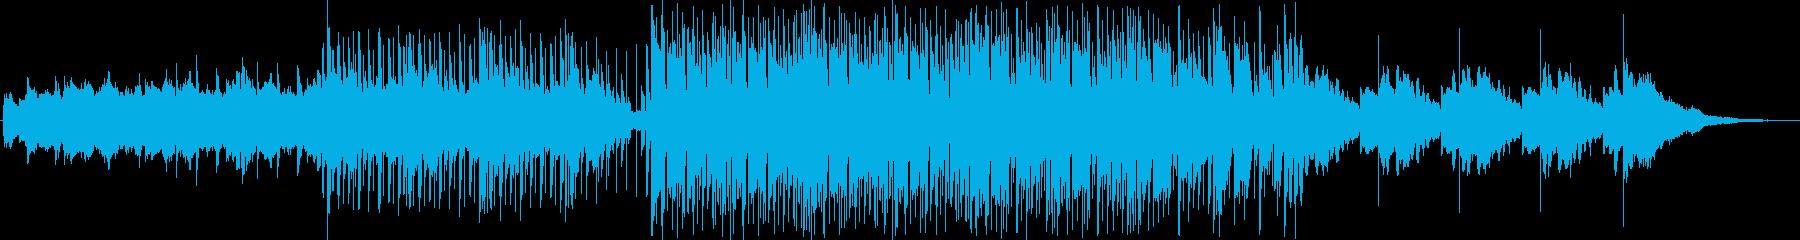 映像に合う神秘的なミニマルテクノの再生済みの波形